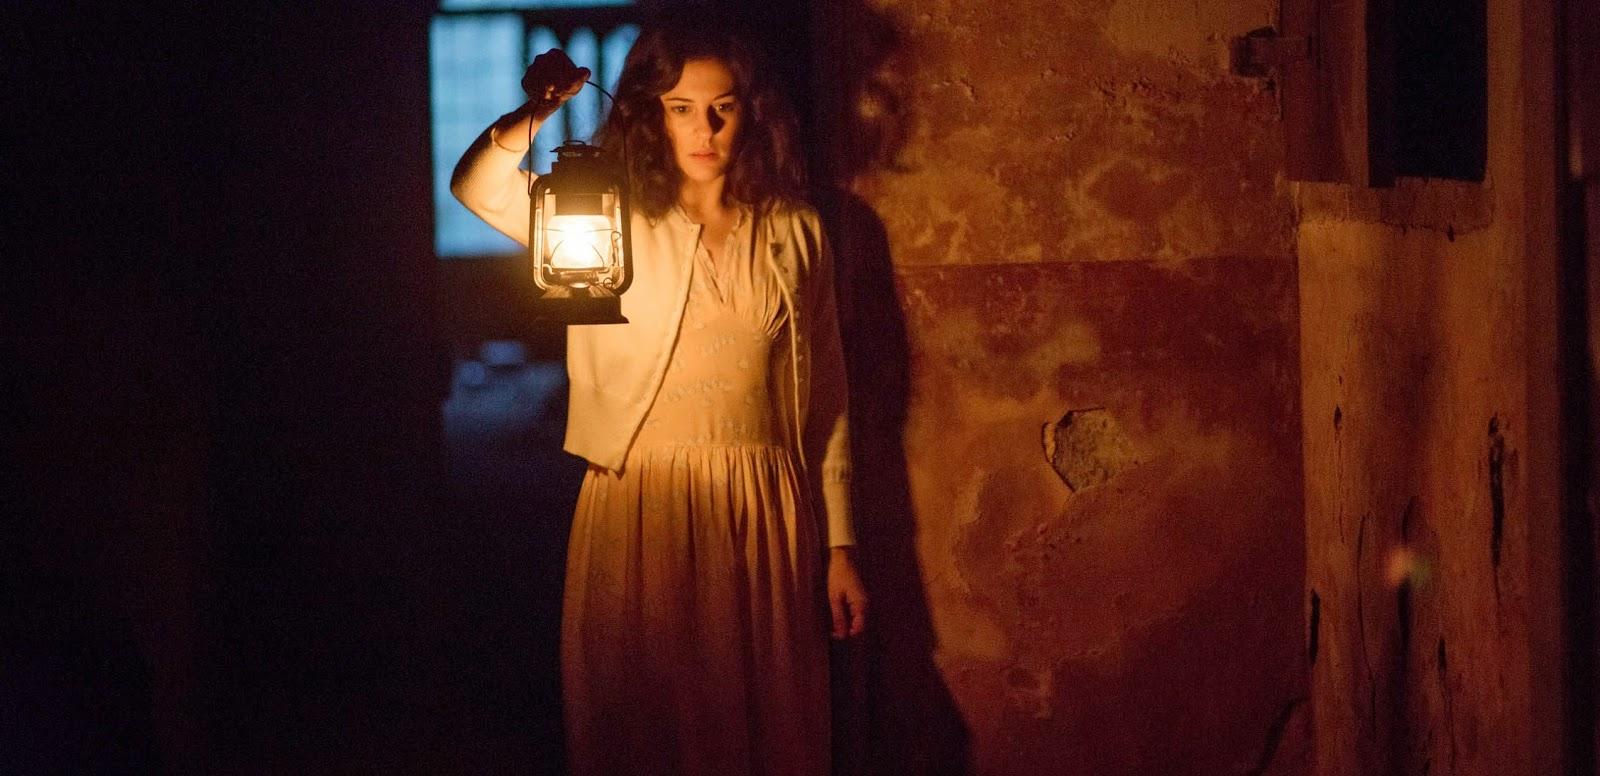 Trailer dublado e pôster nacional da sequência de terror A Mulher de Preto 2 - Anjo da Morte